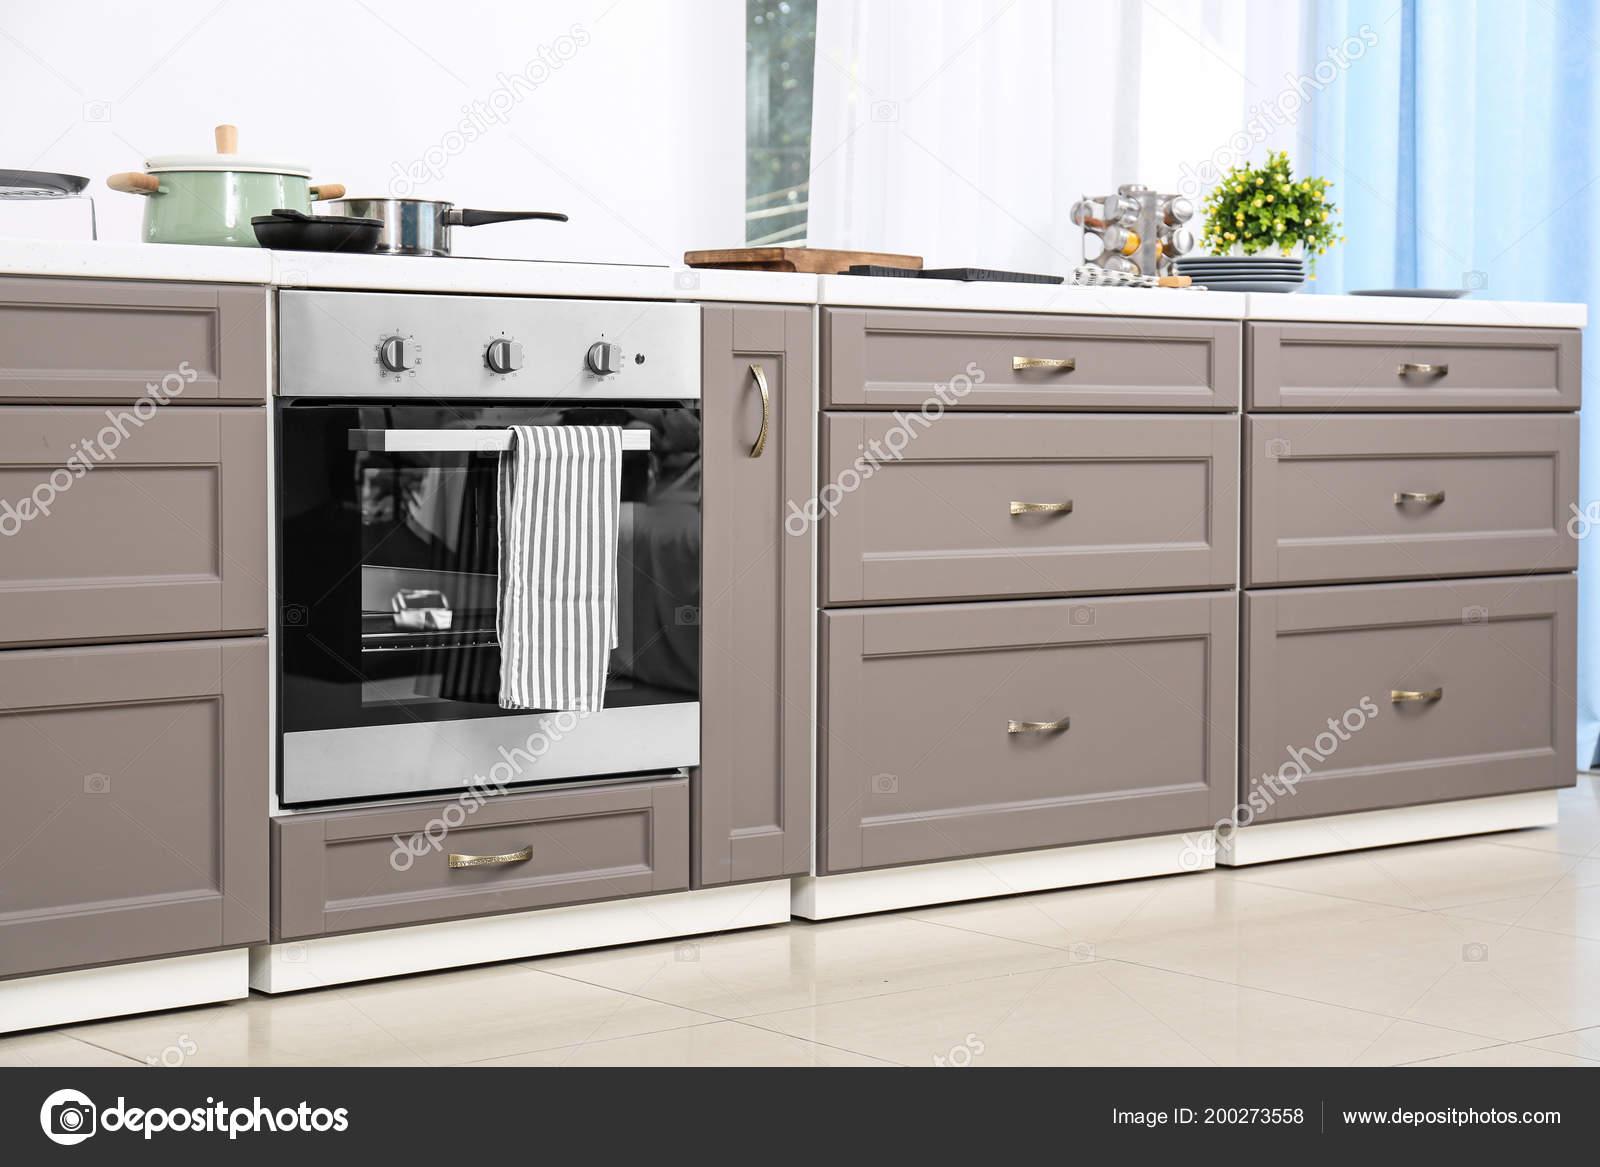 Muebles Cocina Moderna Con Estufa Eléctrica — Foto de stock ...